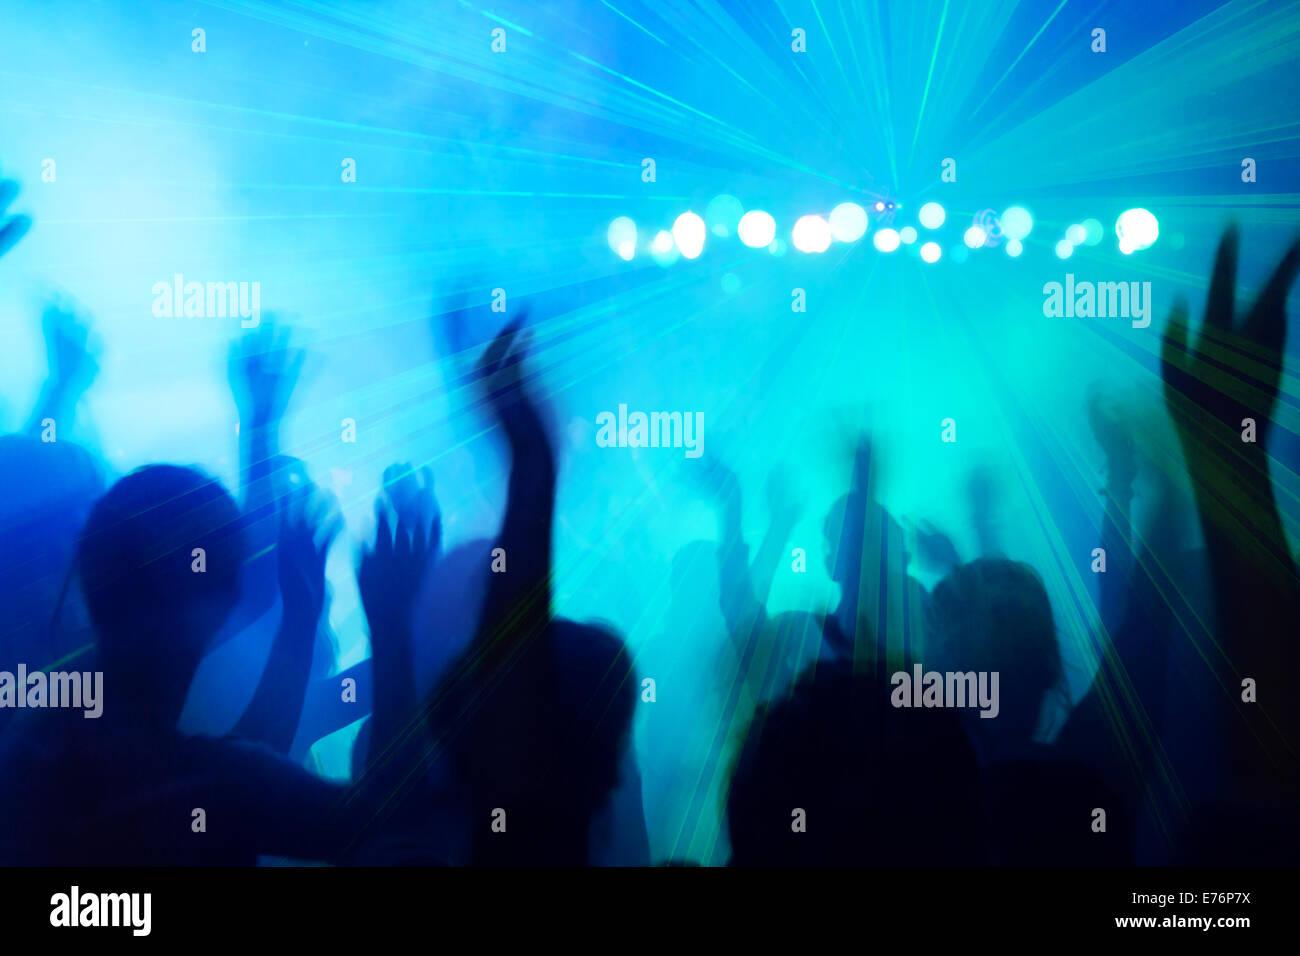 Silhouette di persone a ballare la discoteca beat. Immagini Stock